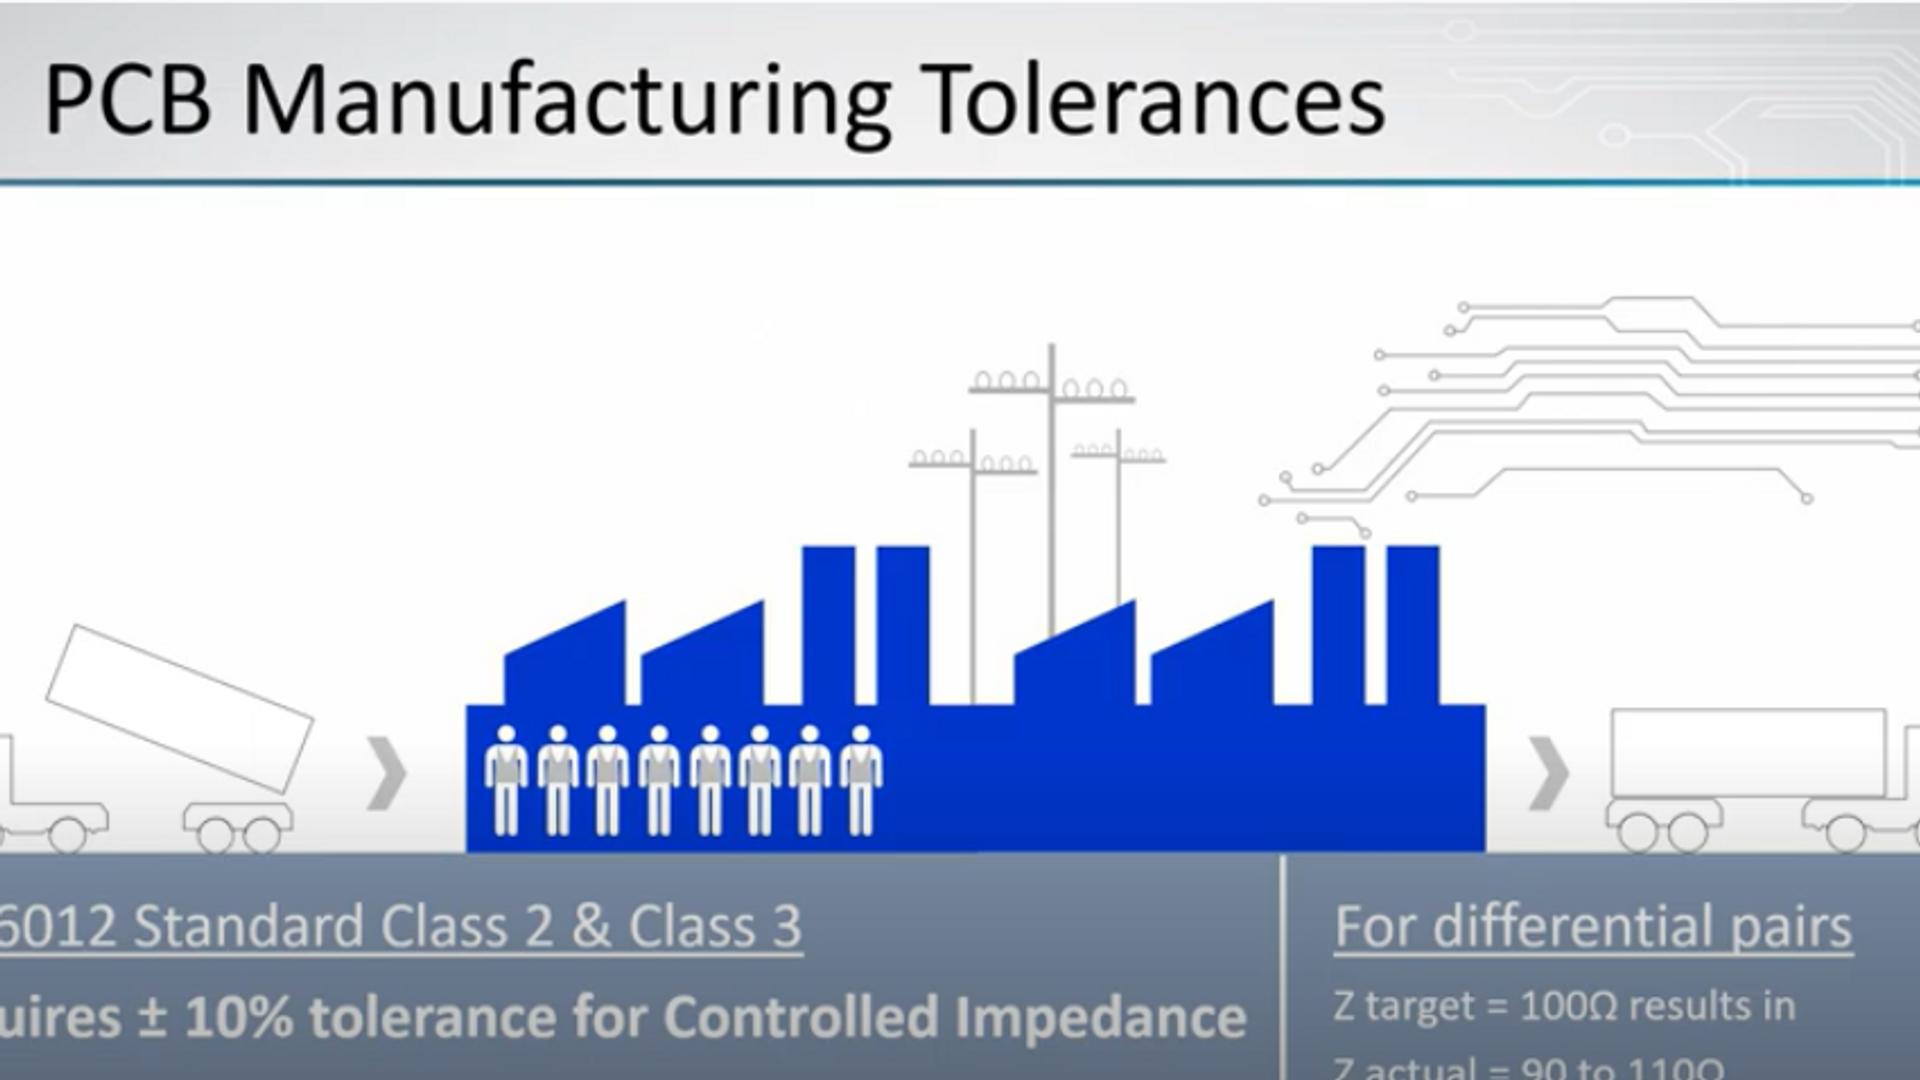 PCB Manufacturing Tolerances & High Speed Design